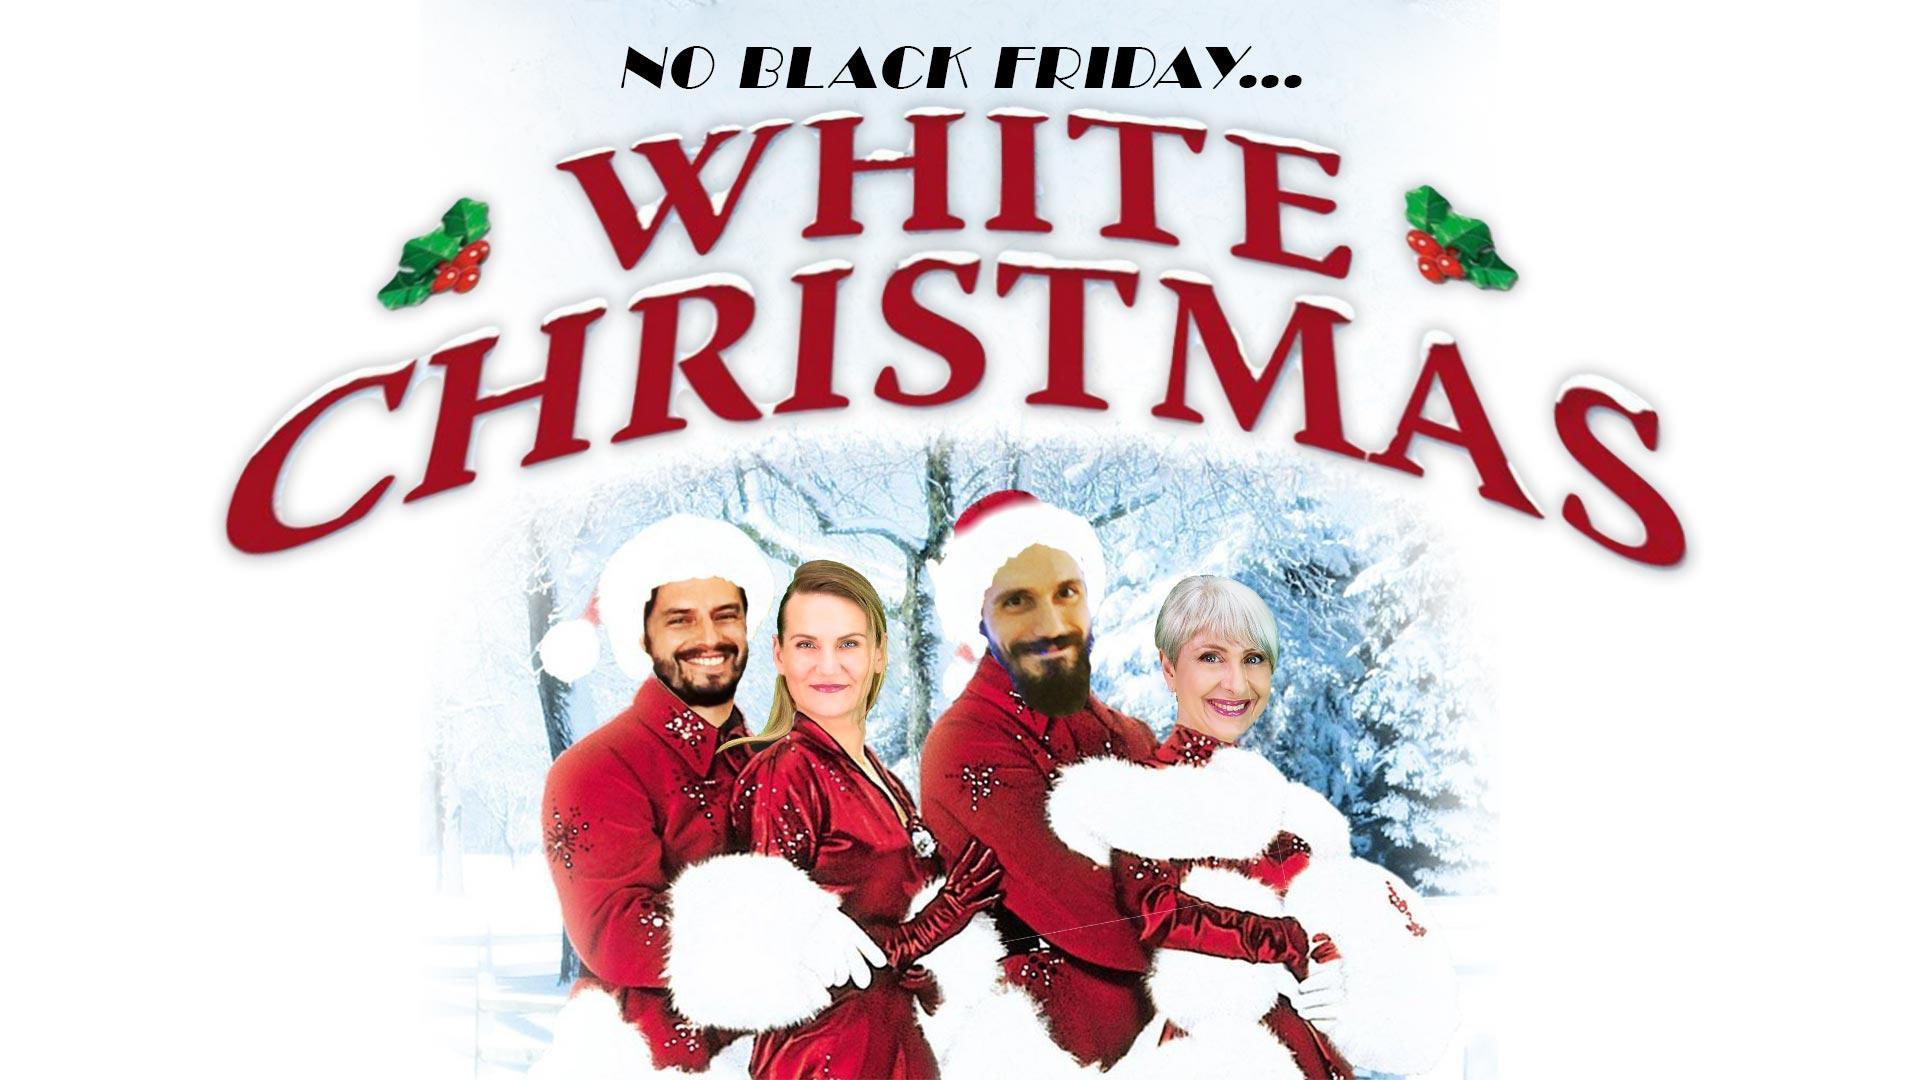 whitechristmas_1920x1080